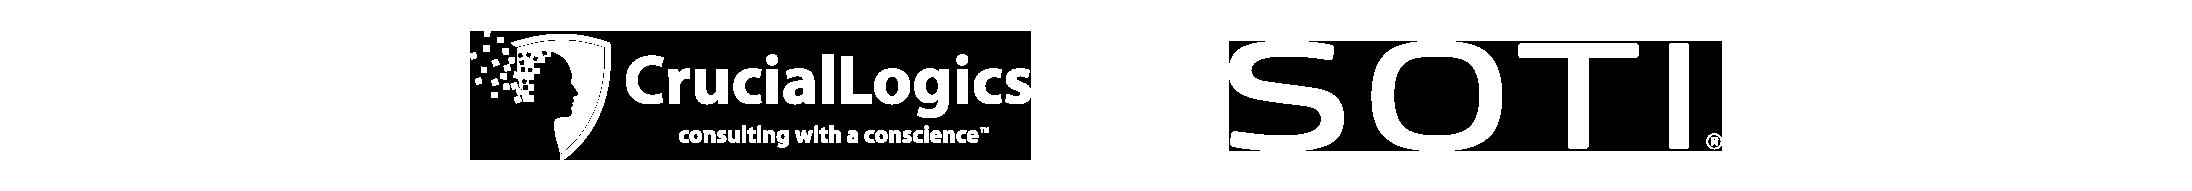 CrucialLogics and SOTI Logos